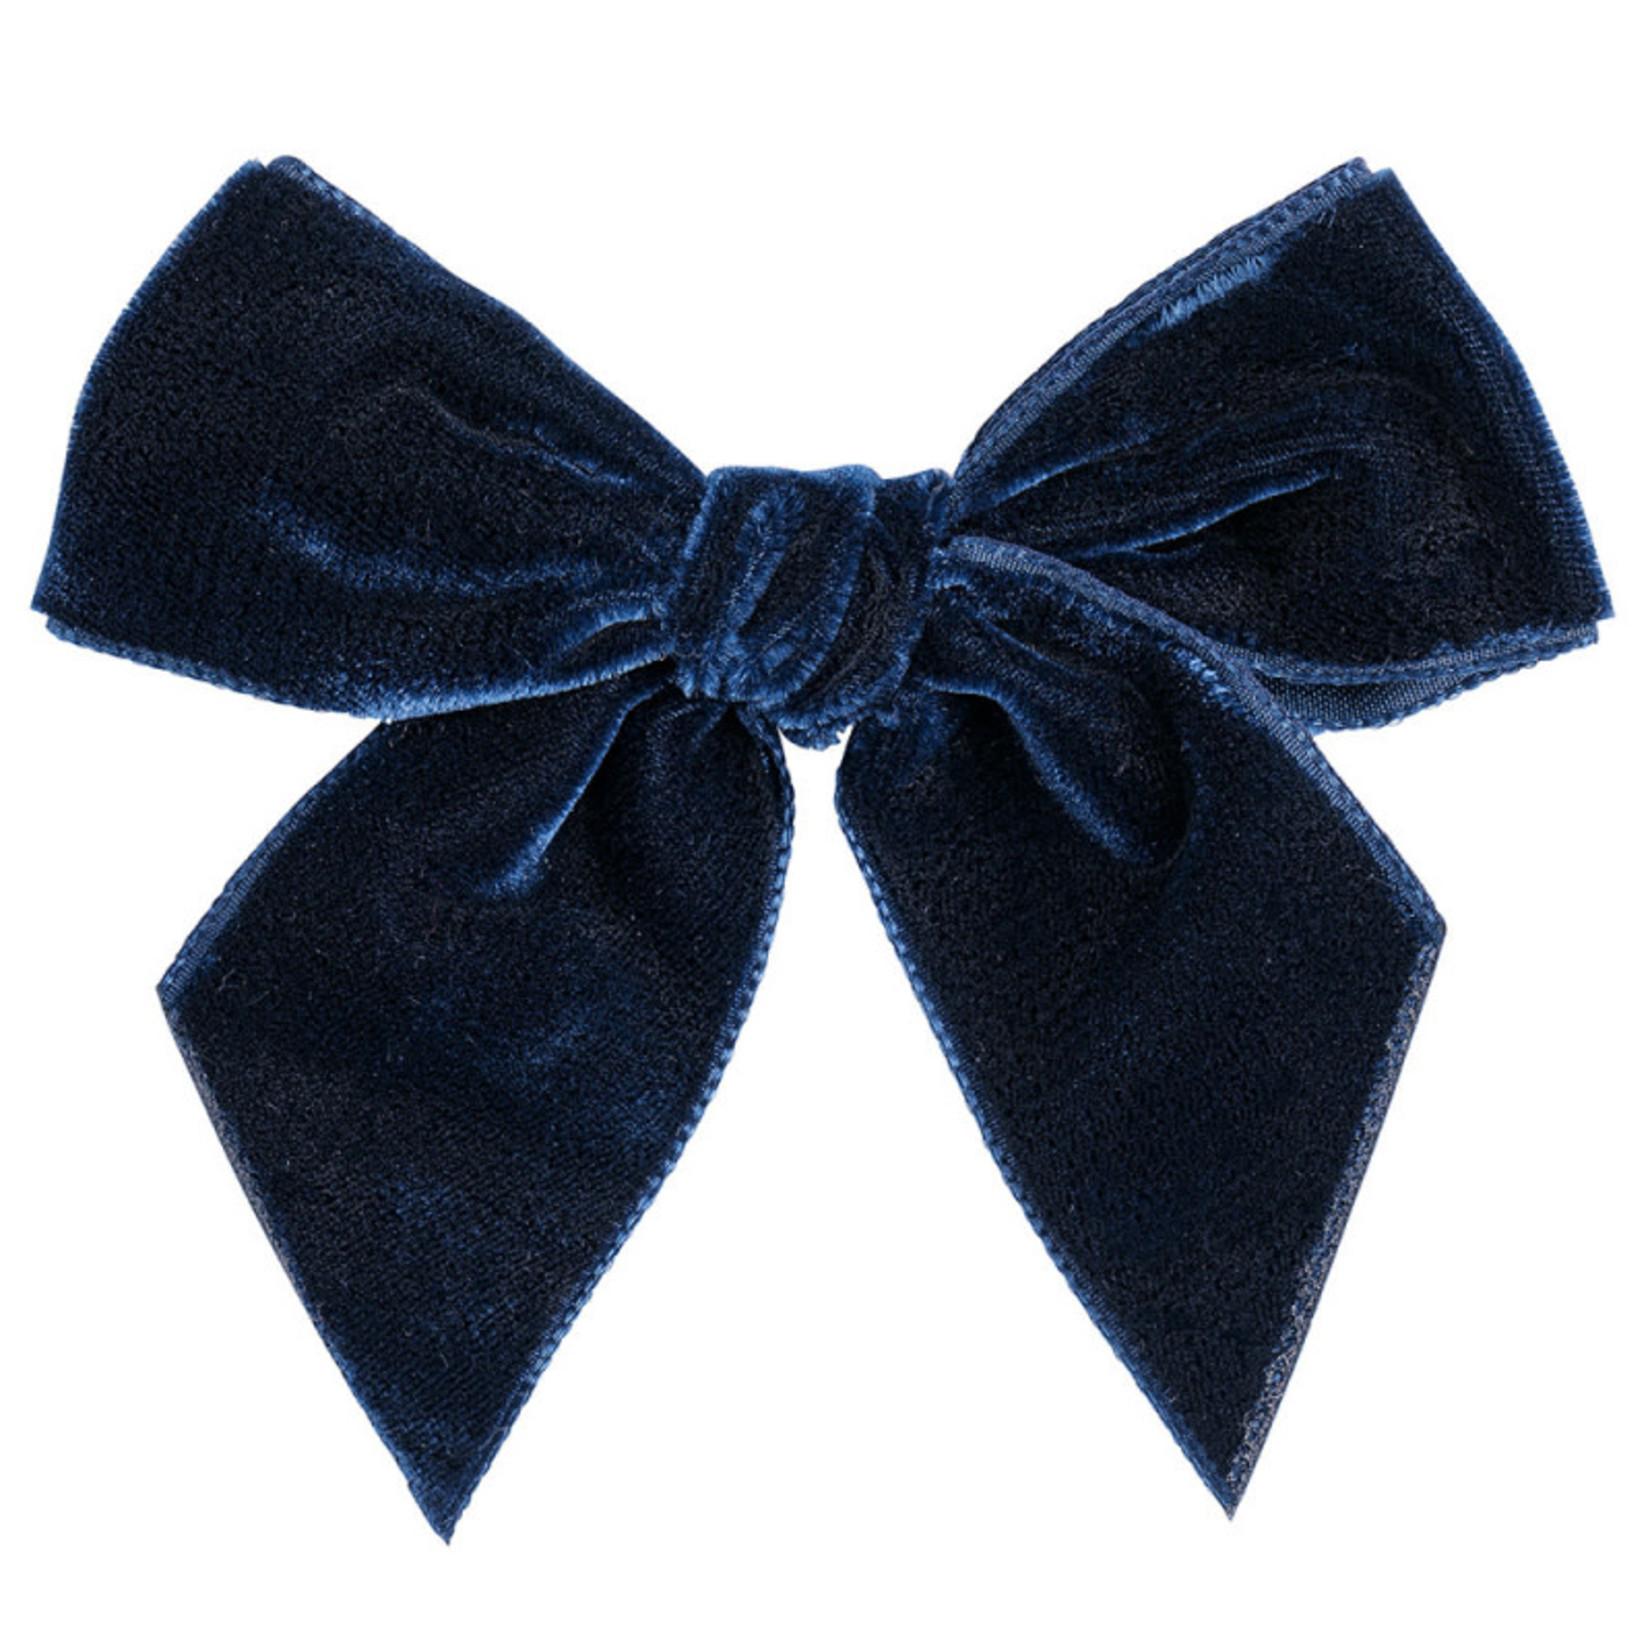 Condor Condor Velvet Bow Navy Blue